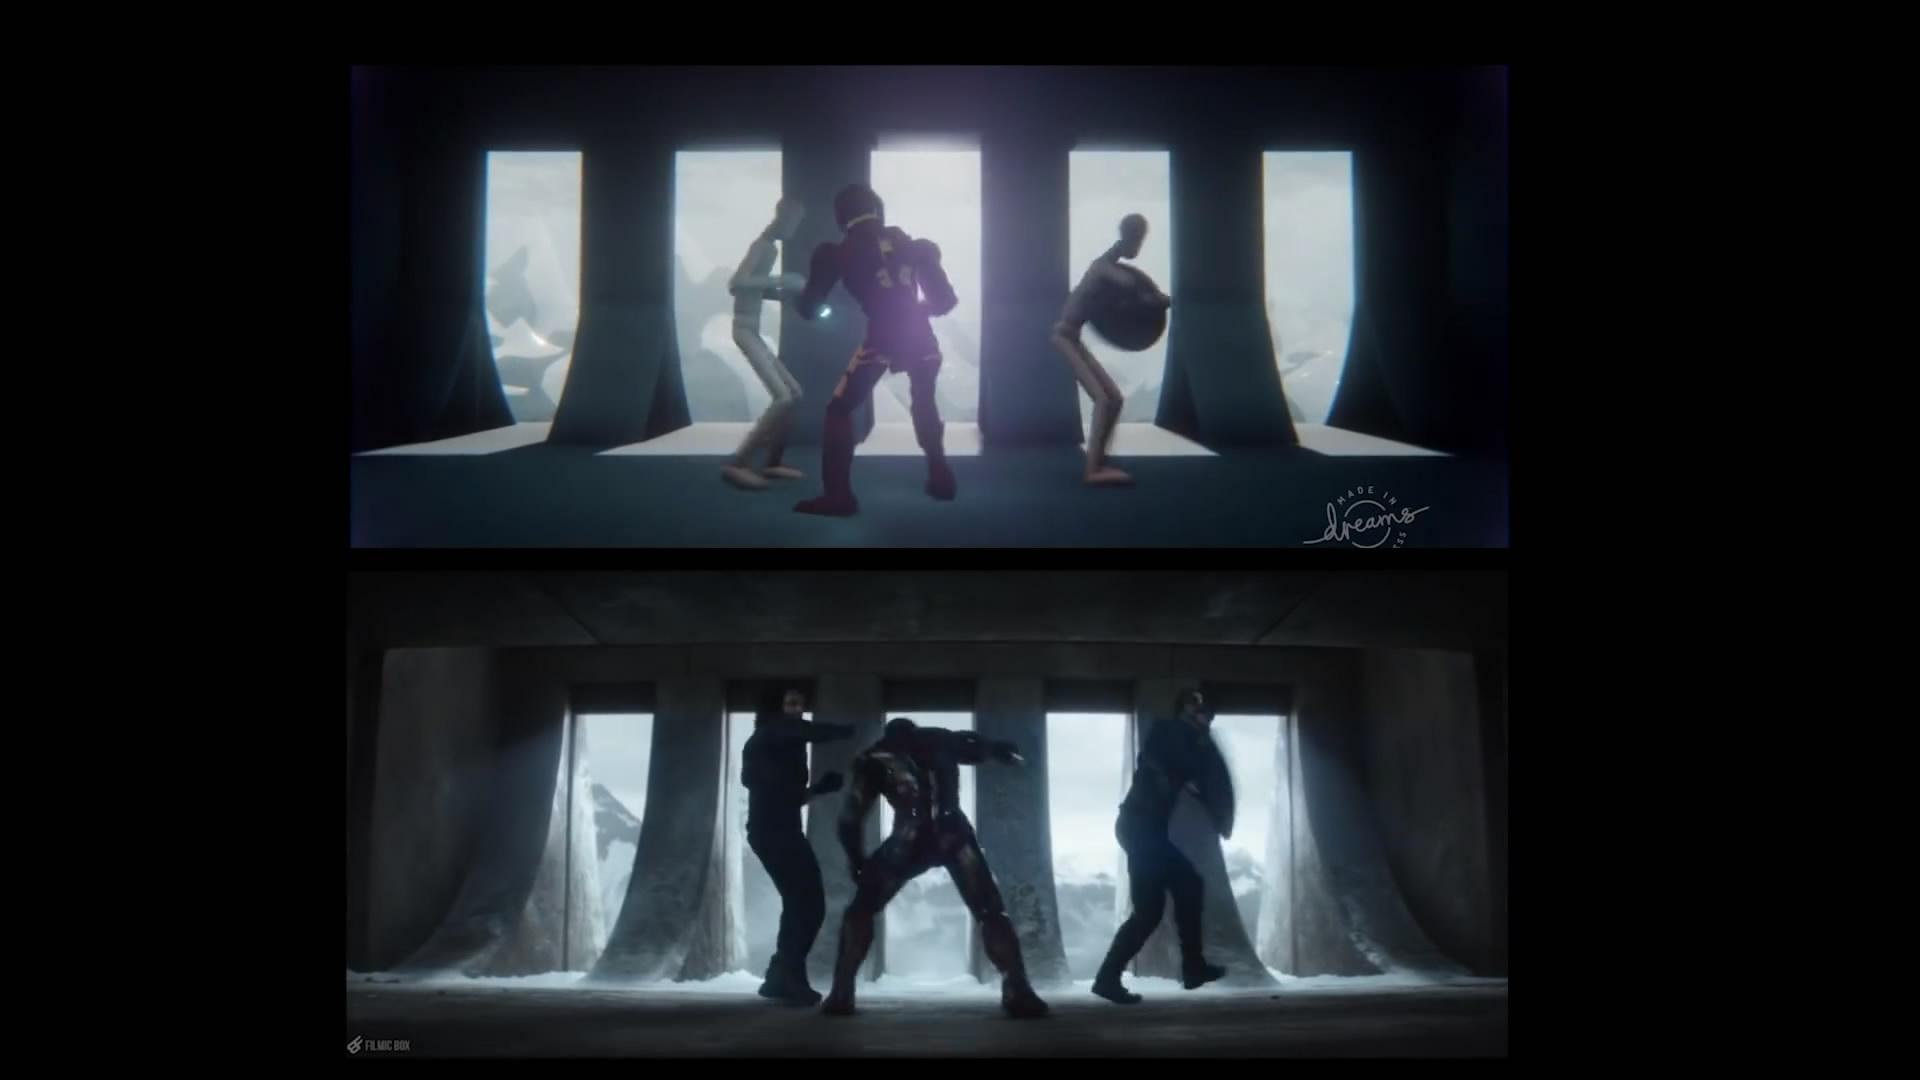 玩家用VR游戏还原钢铁侠大战美国队长 动作细节完美展现